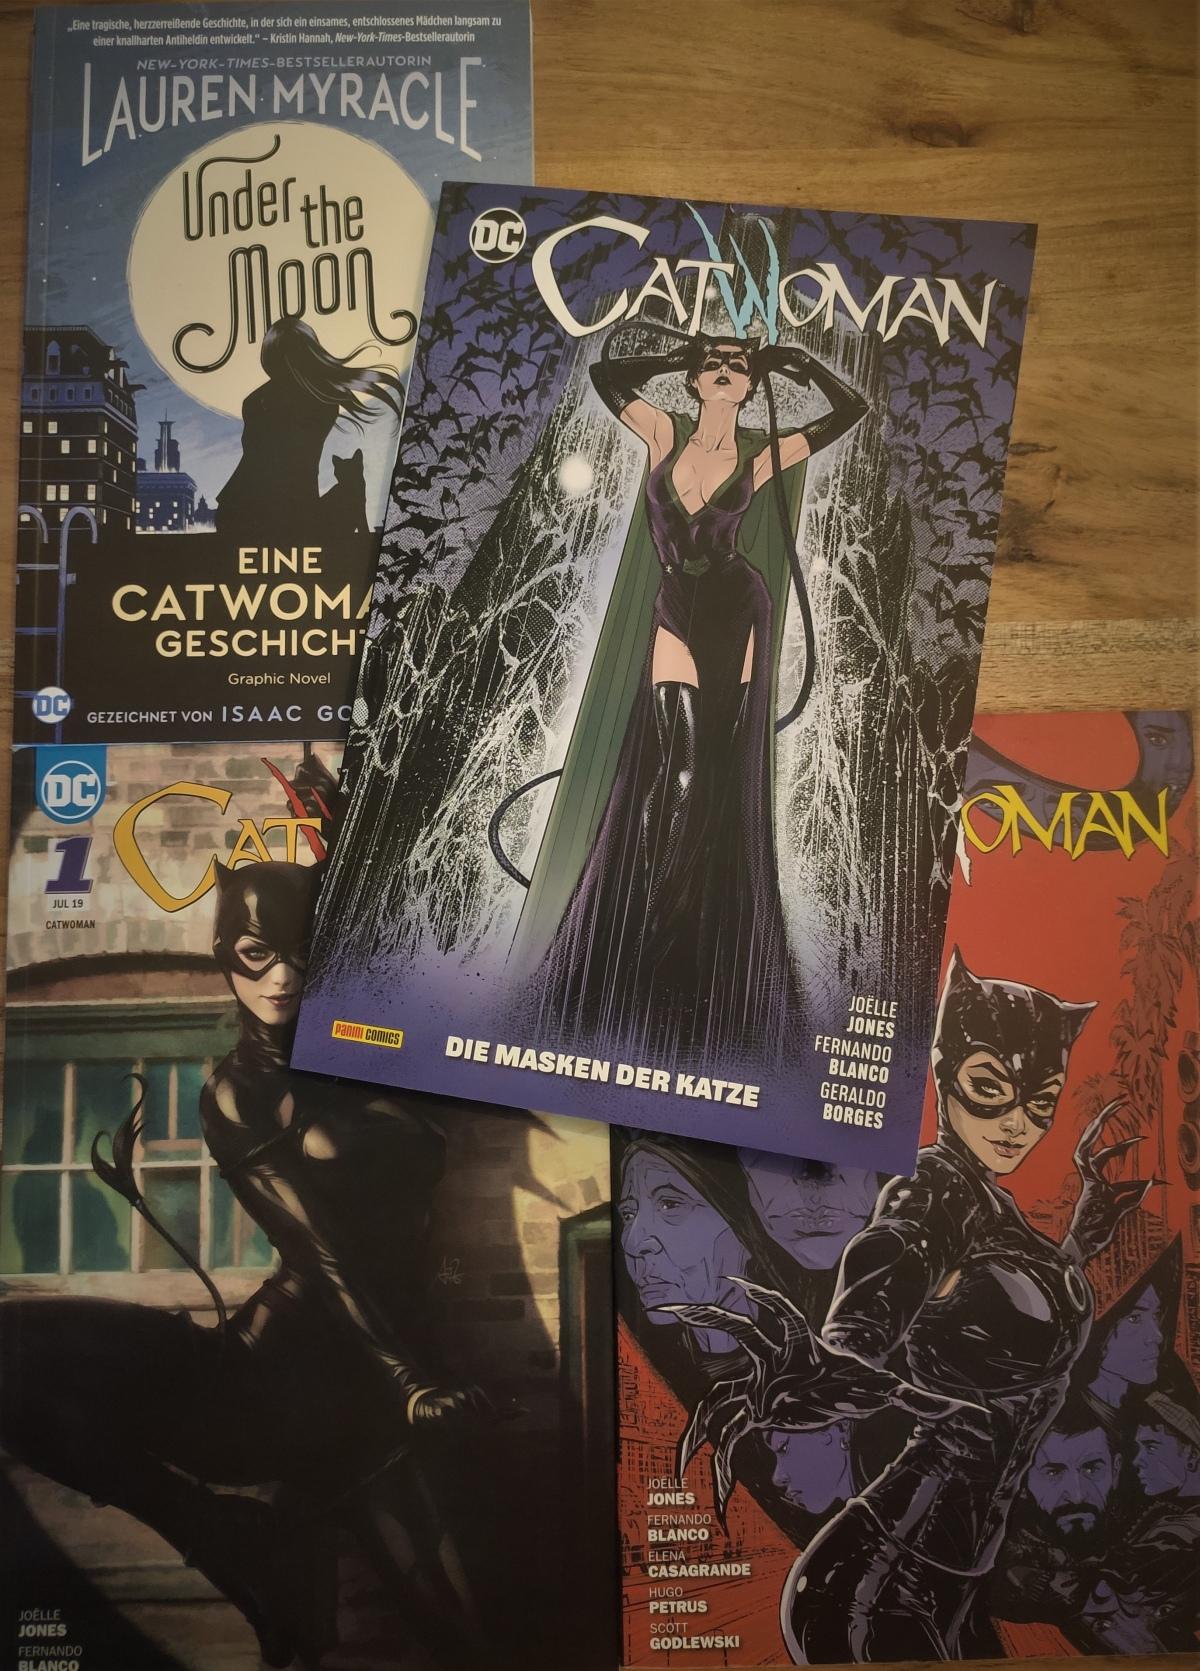 Nerd.Ics liest … Catwoman Bd. 3: Die Masken der Katze |Review